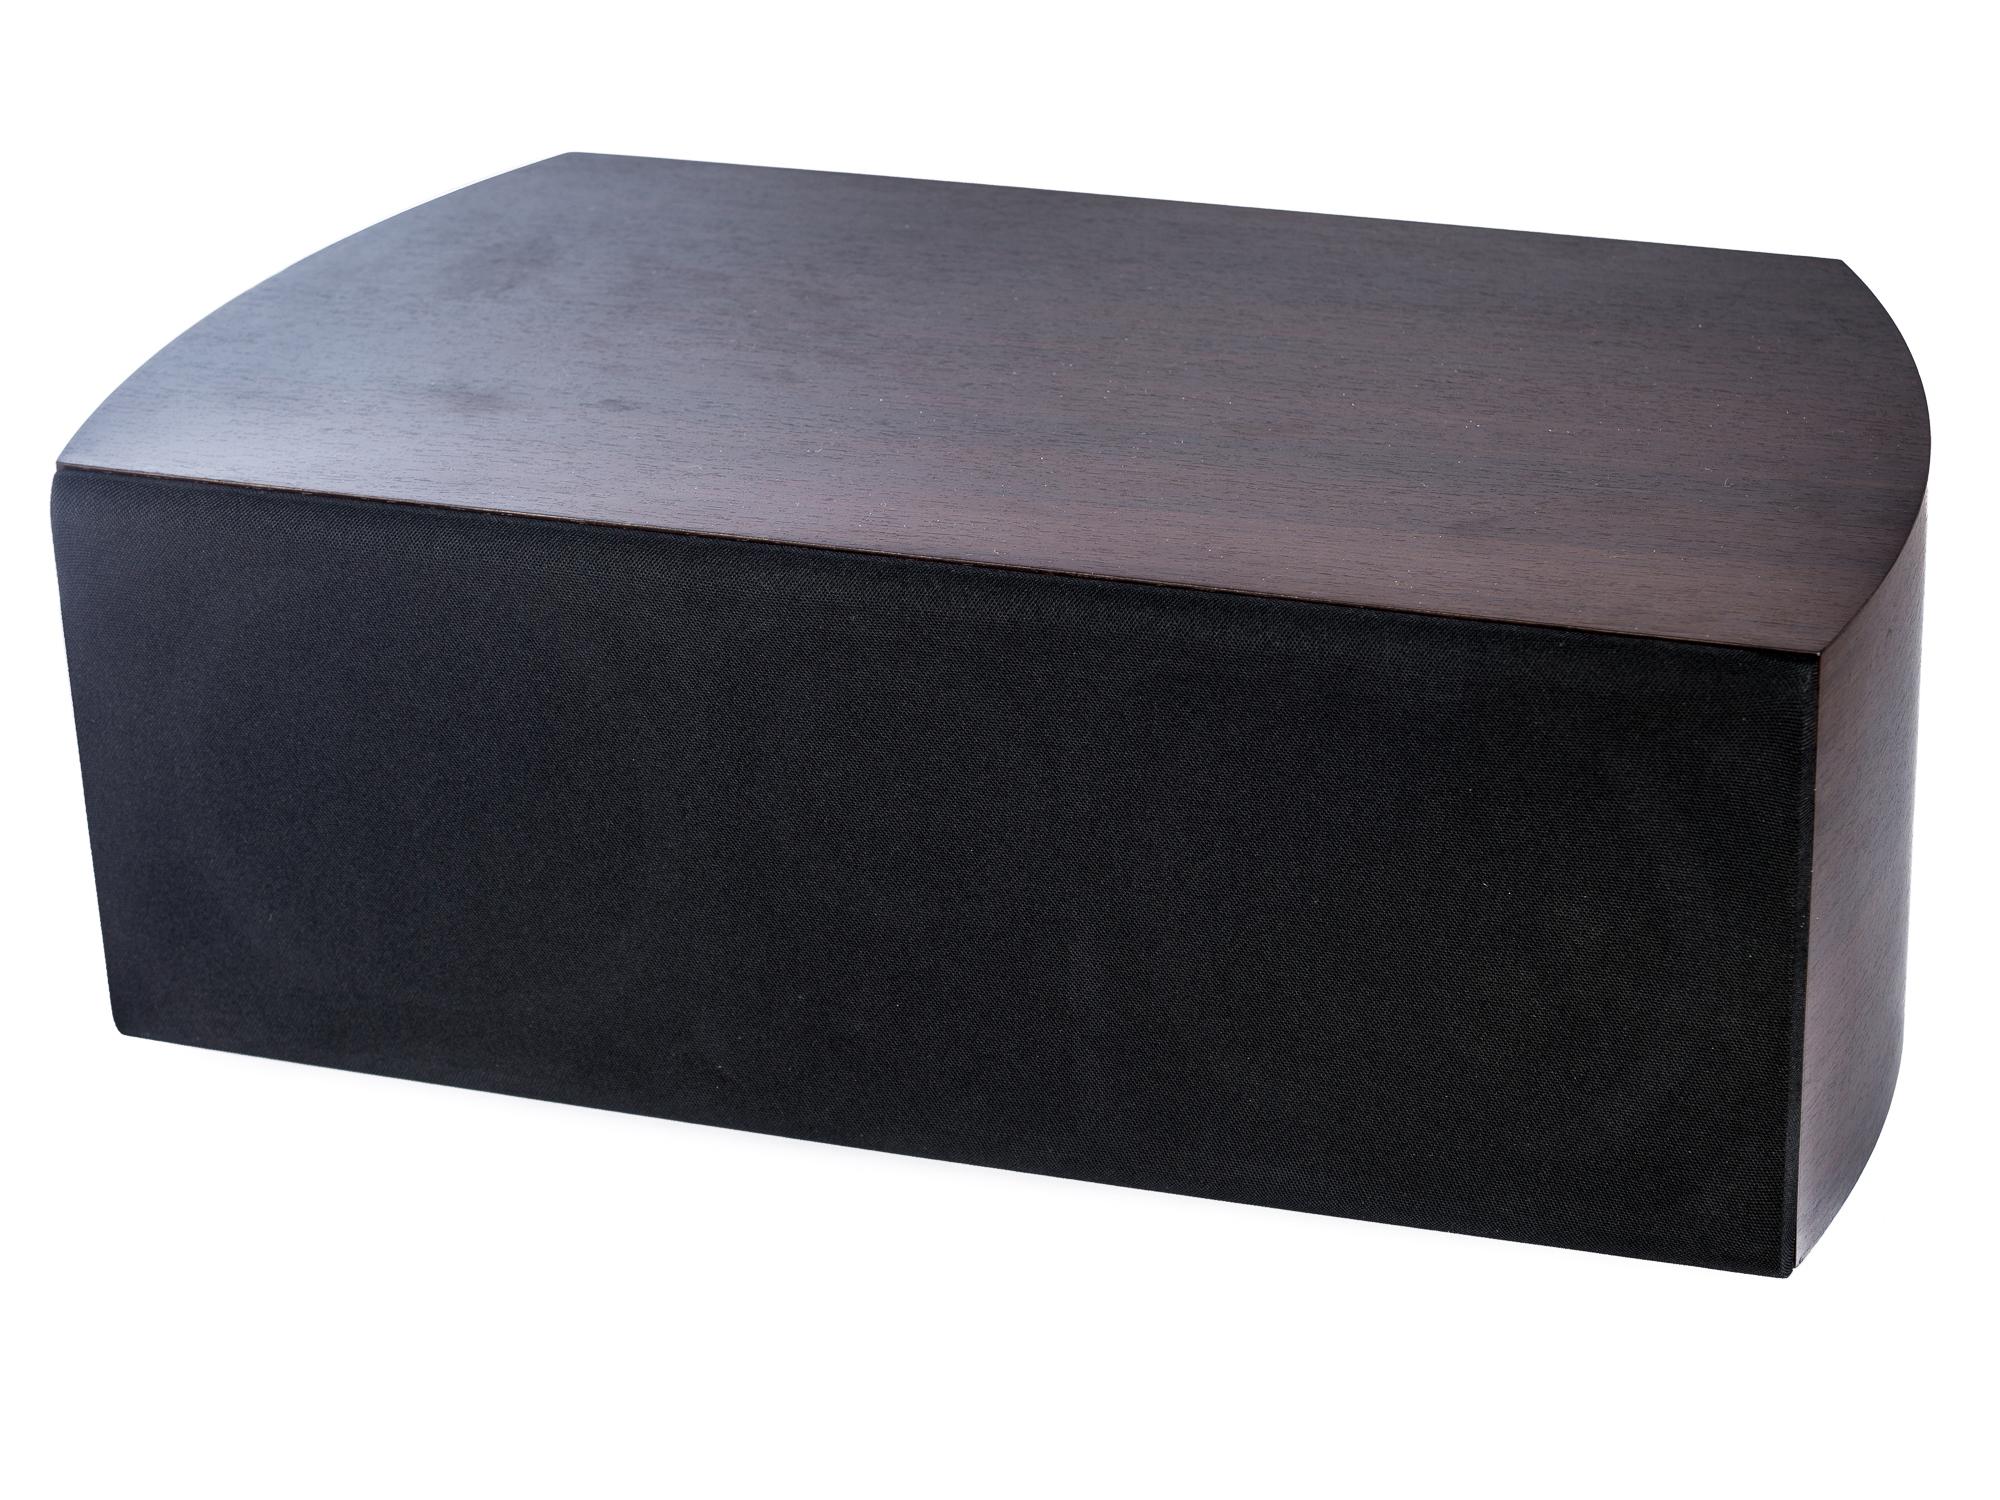 PG Audio Center Lautsprecher einsetzbar für Magnat Monitor Supreme Serie 252 mocca, Neu-Ware – Bild 3